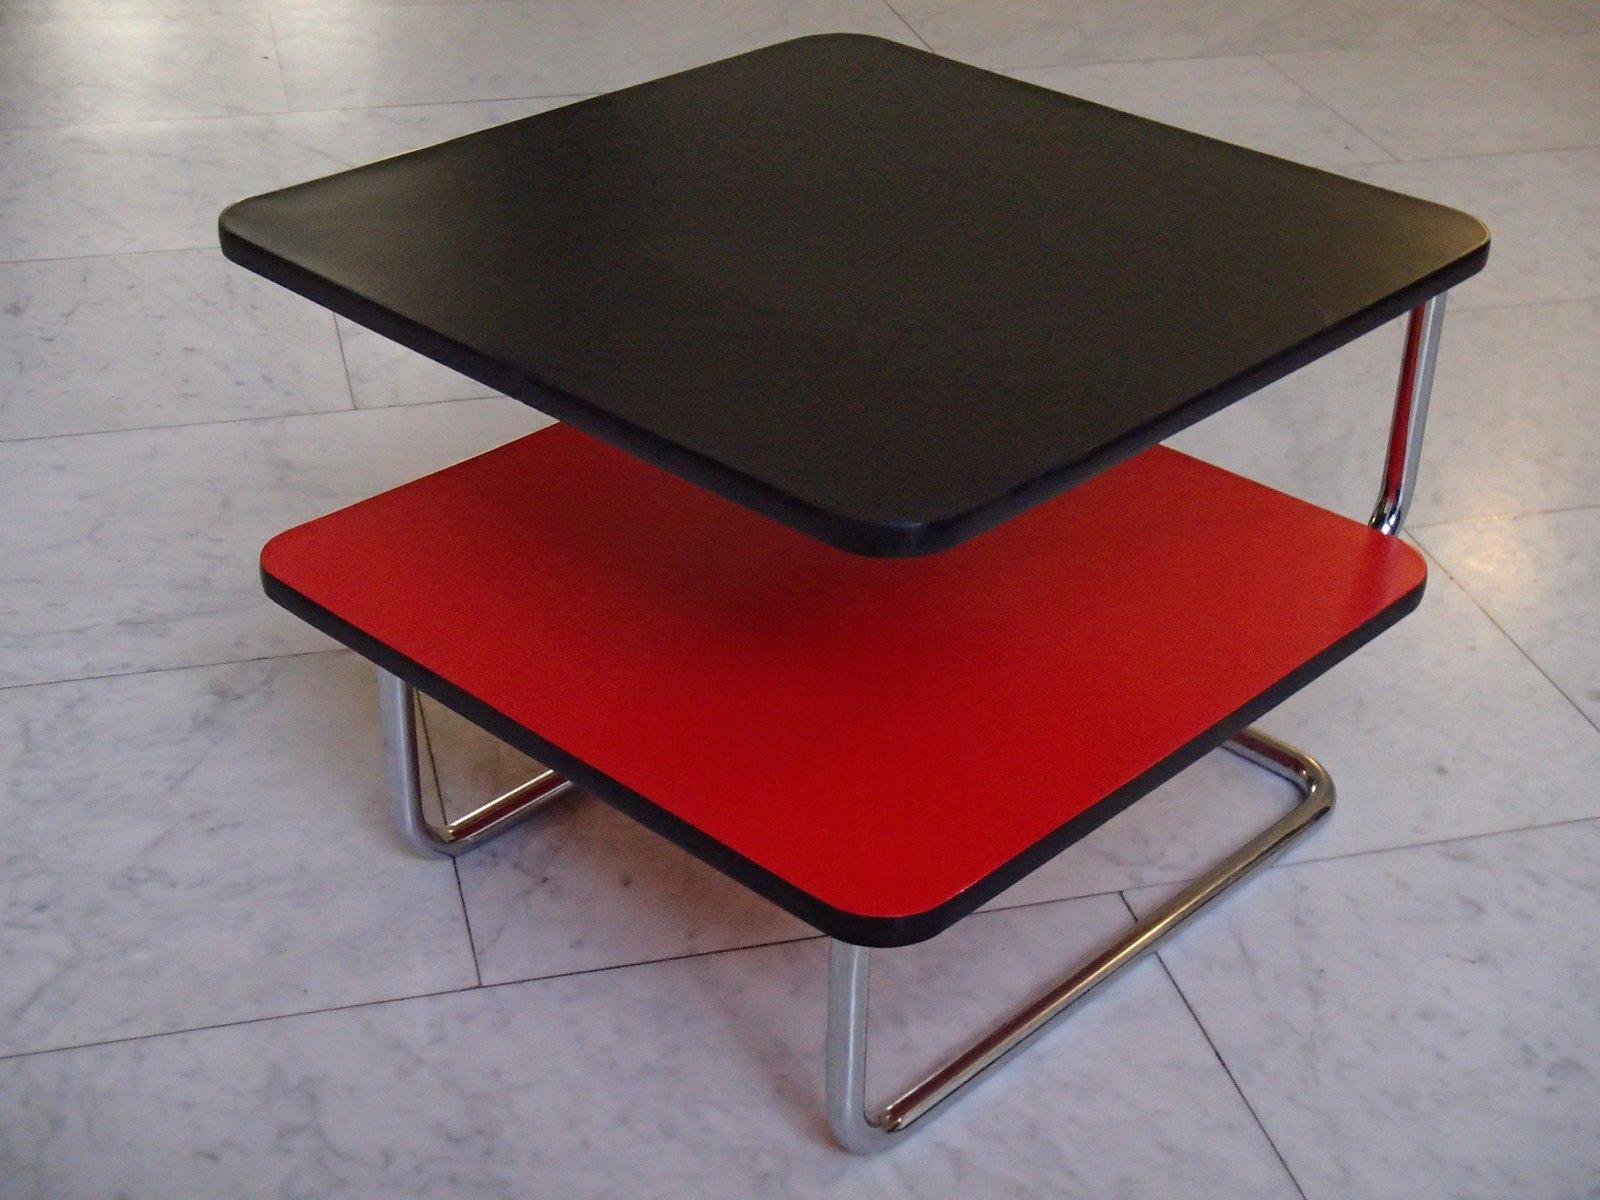 Bauhaus Modell K17 Couchtisch in Schwarz & Rot